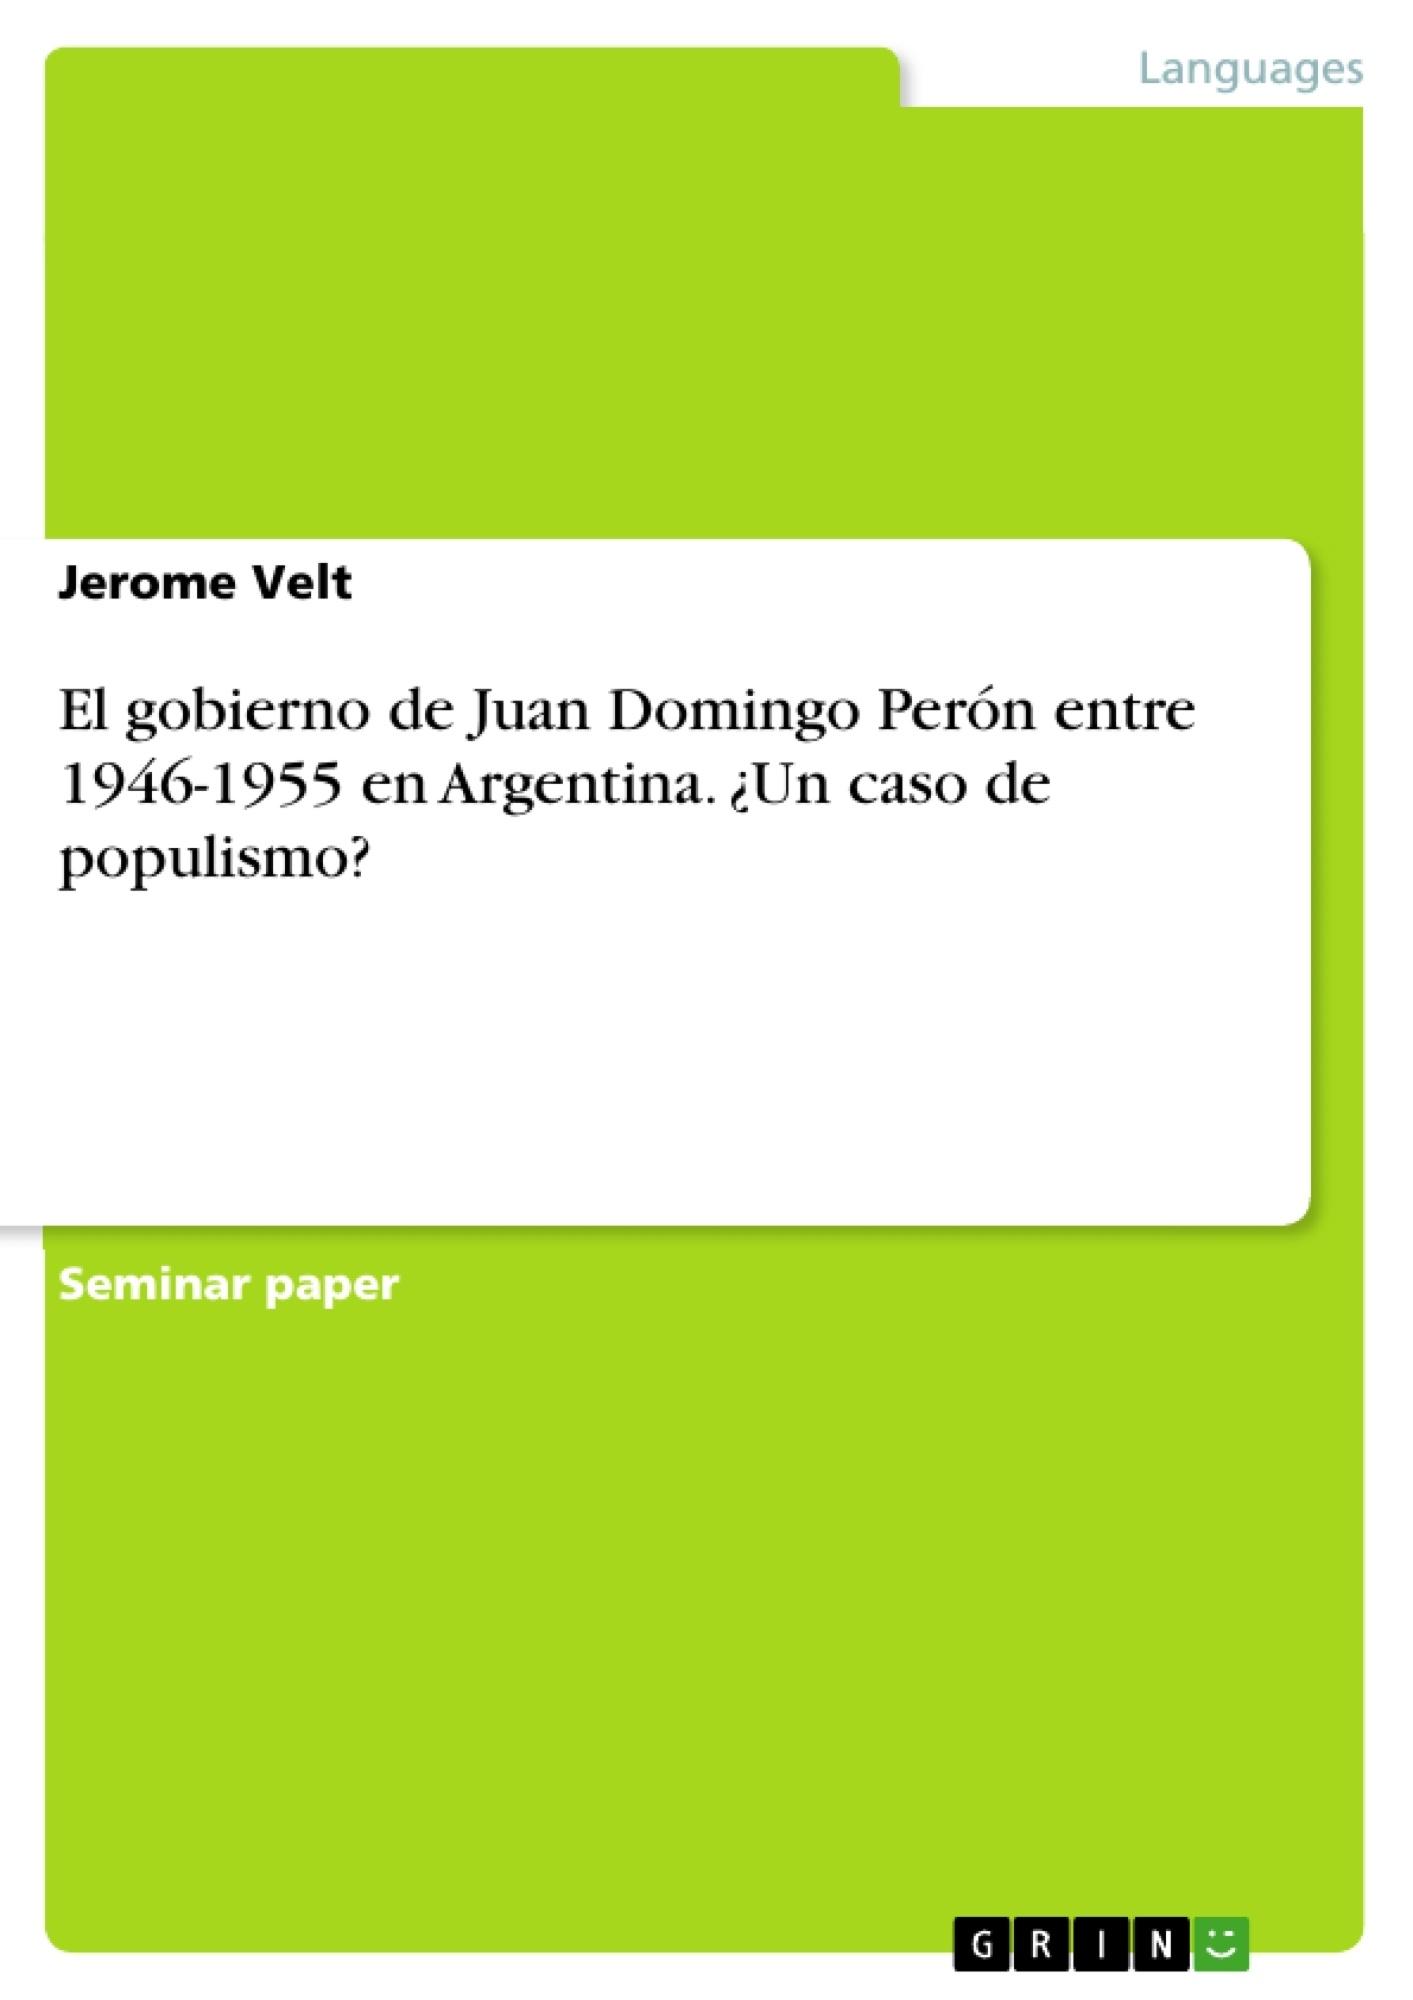 Título: El gobierno de Juan Domingo Perón entre 1946-1955 en Argentina. ¿Un caso de populismo?